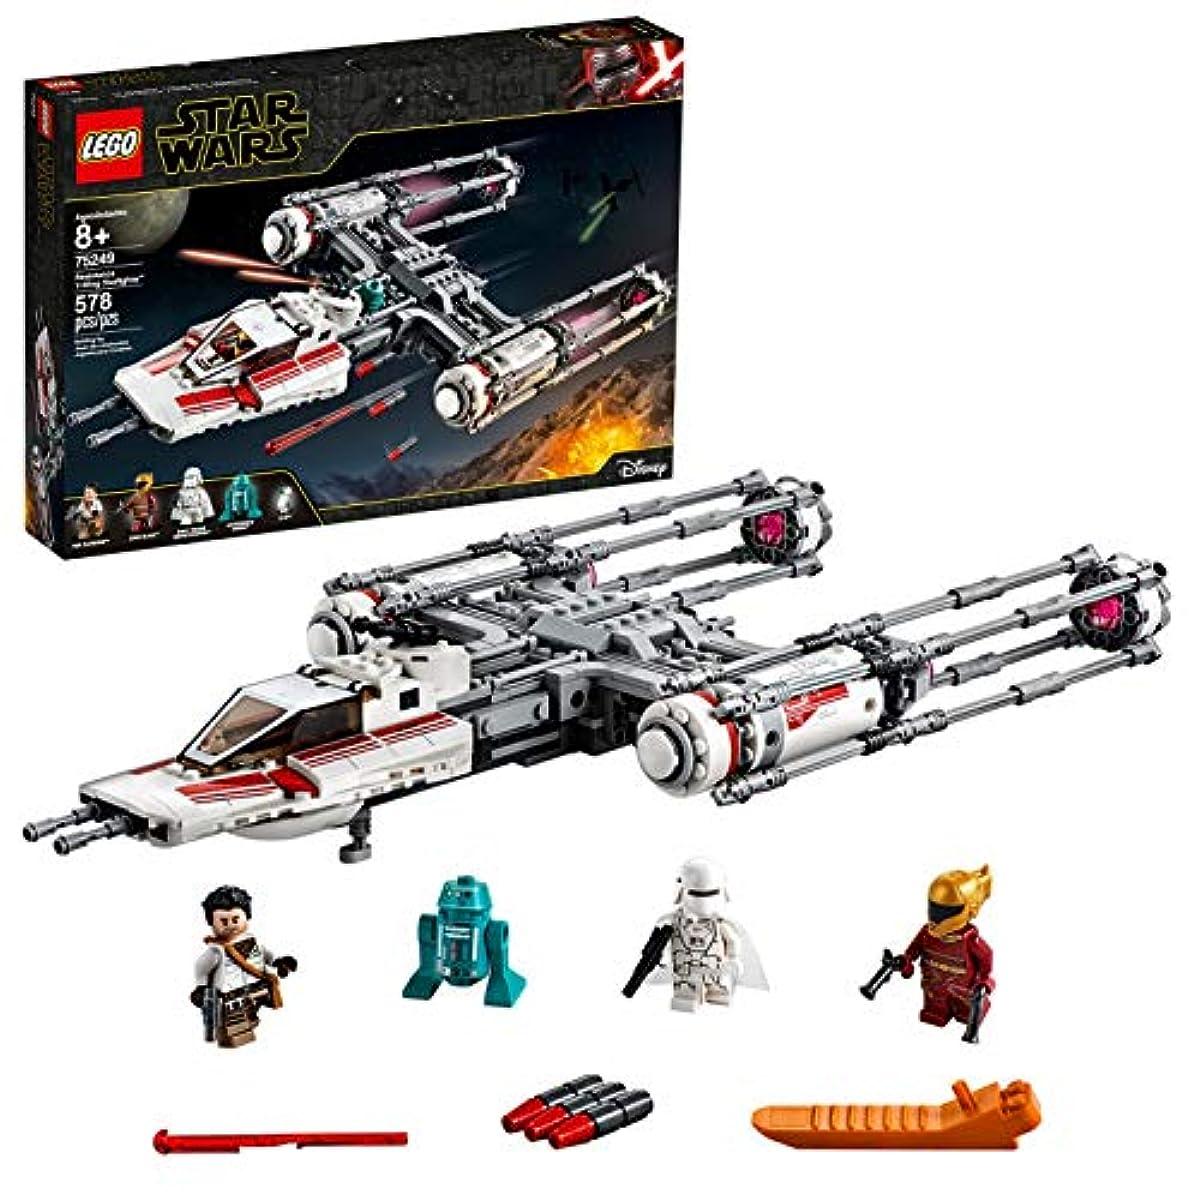 [해외] 레고(LEGO) 스타워즈 레지스탕스 Y-윙스타 파이터 75249